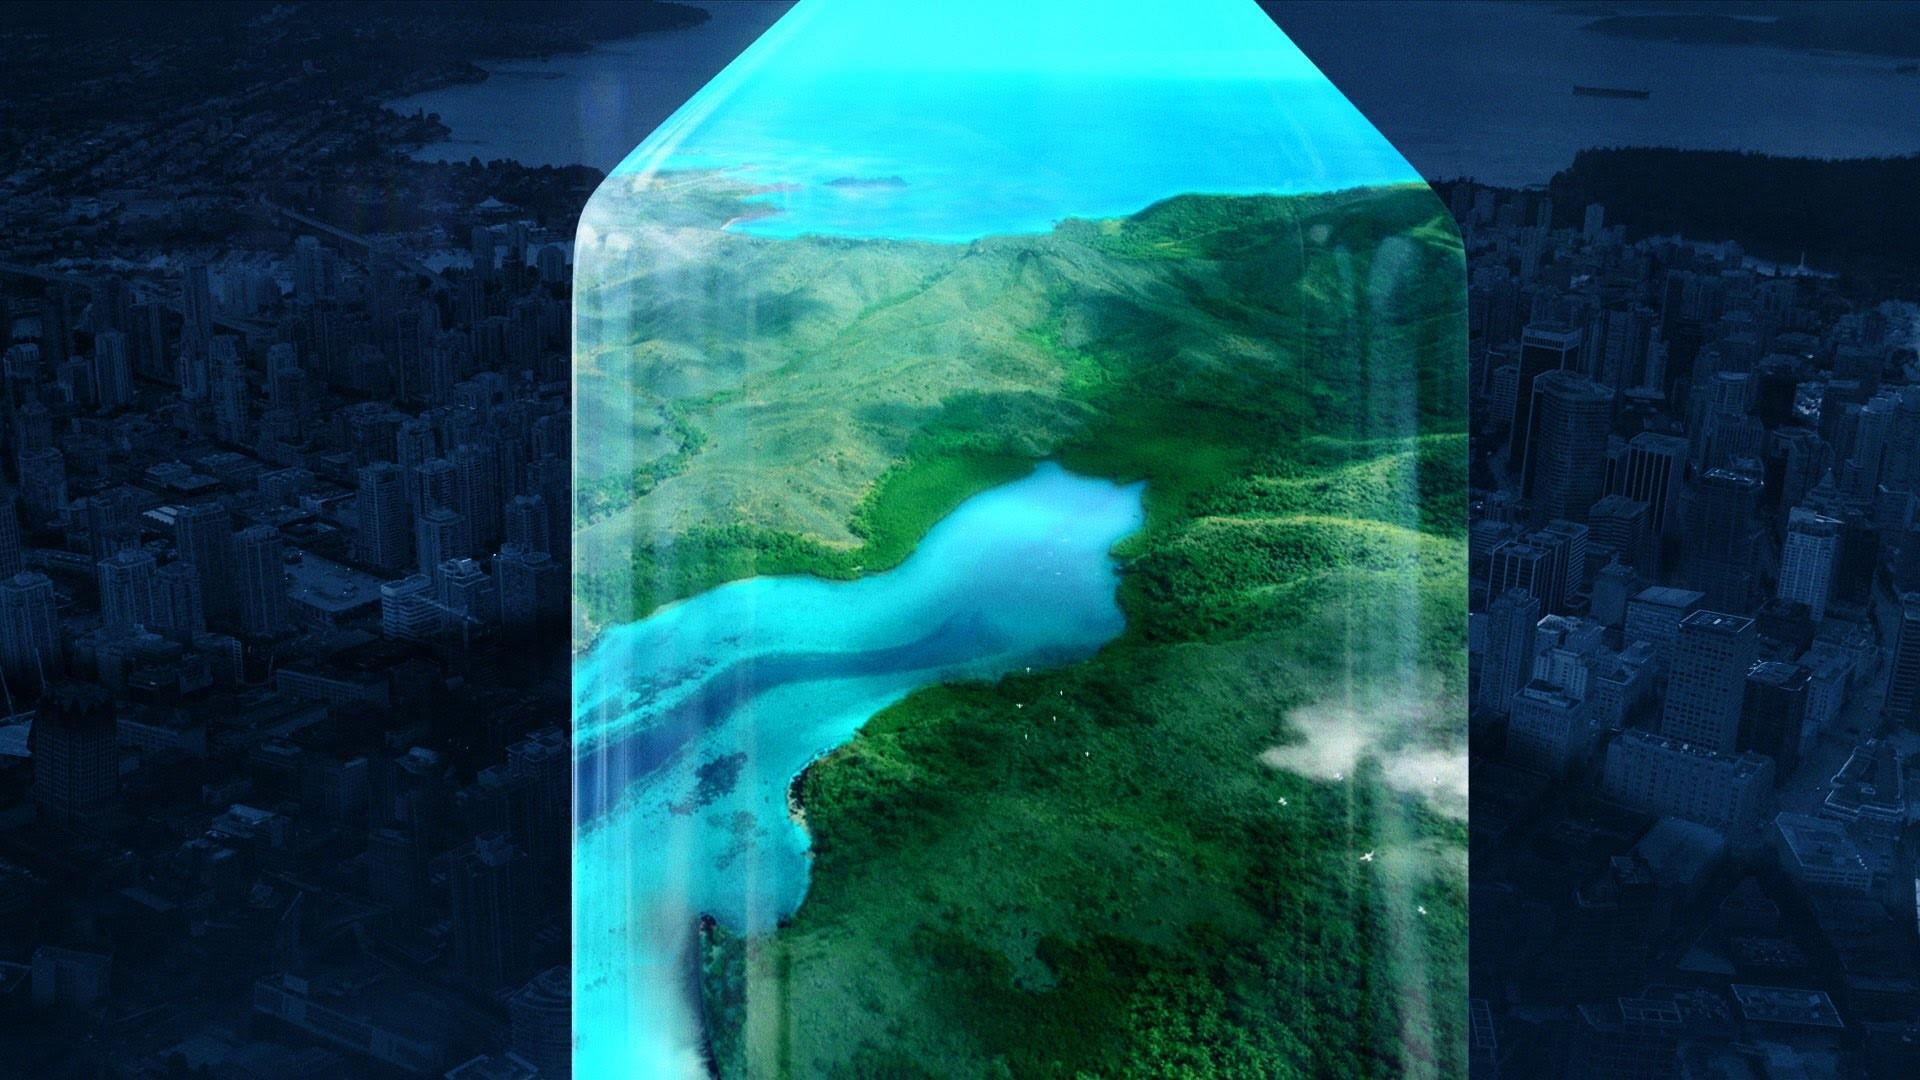 Download 1000+ Wallpaper Pemandangan Bawah Laut Hd HD Paling Baru